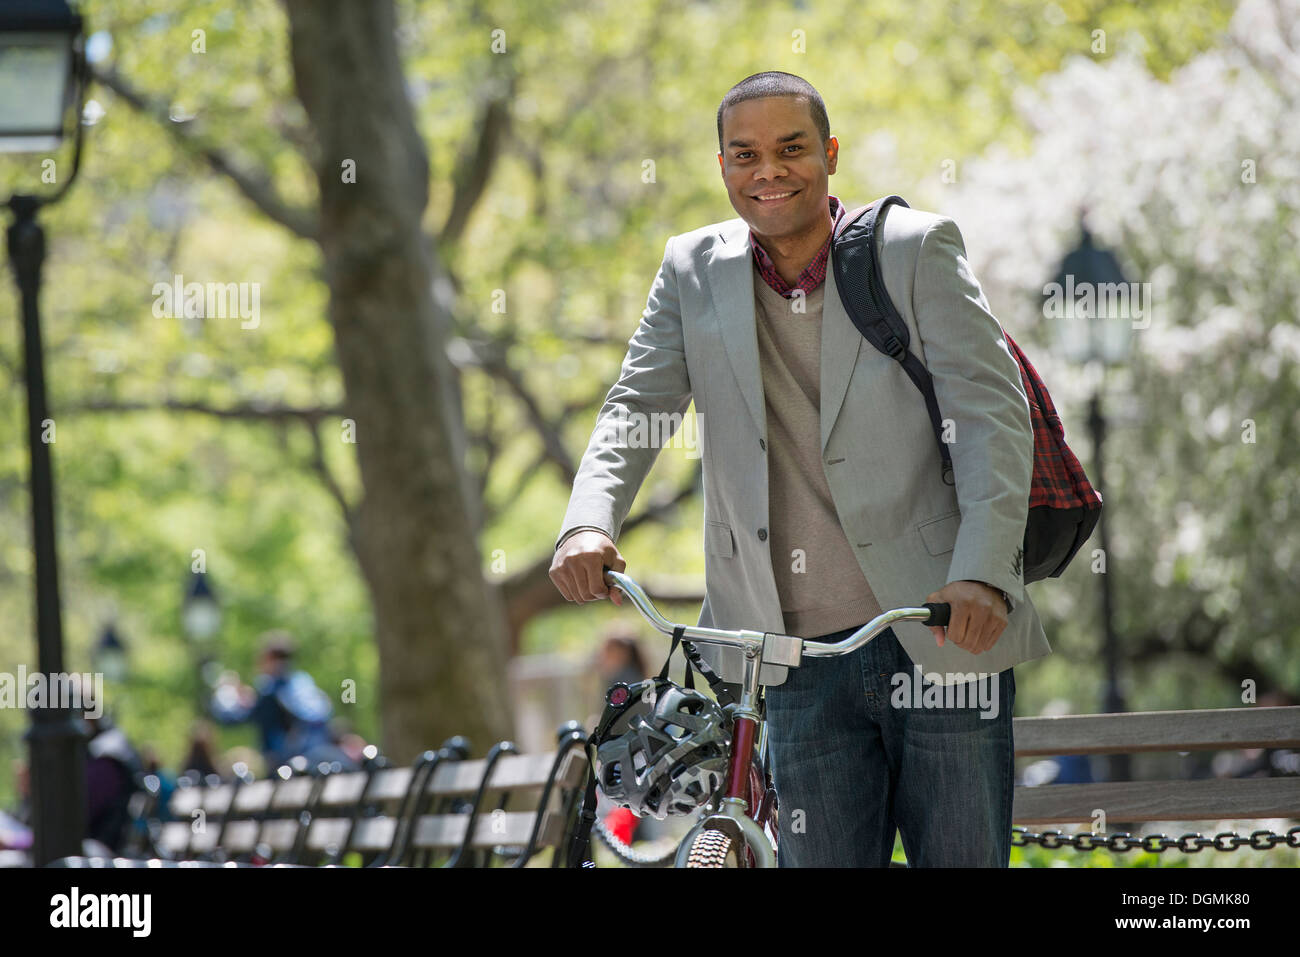 Une famille dans le parc sur une journée ensoleillée. Un homme poussant une bicyclette. Banque D'Images